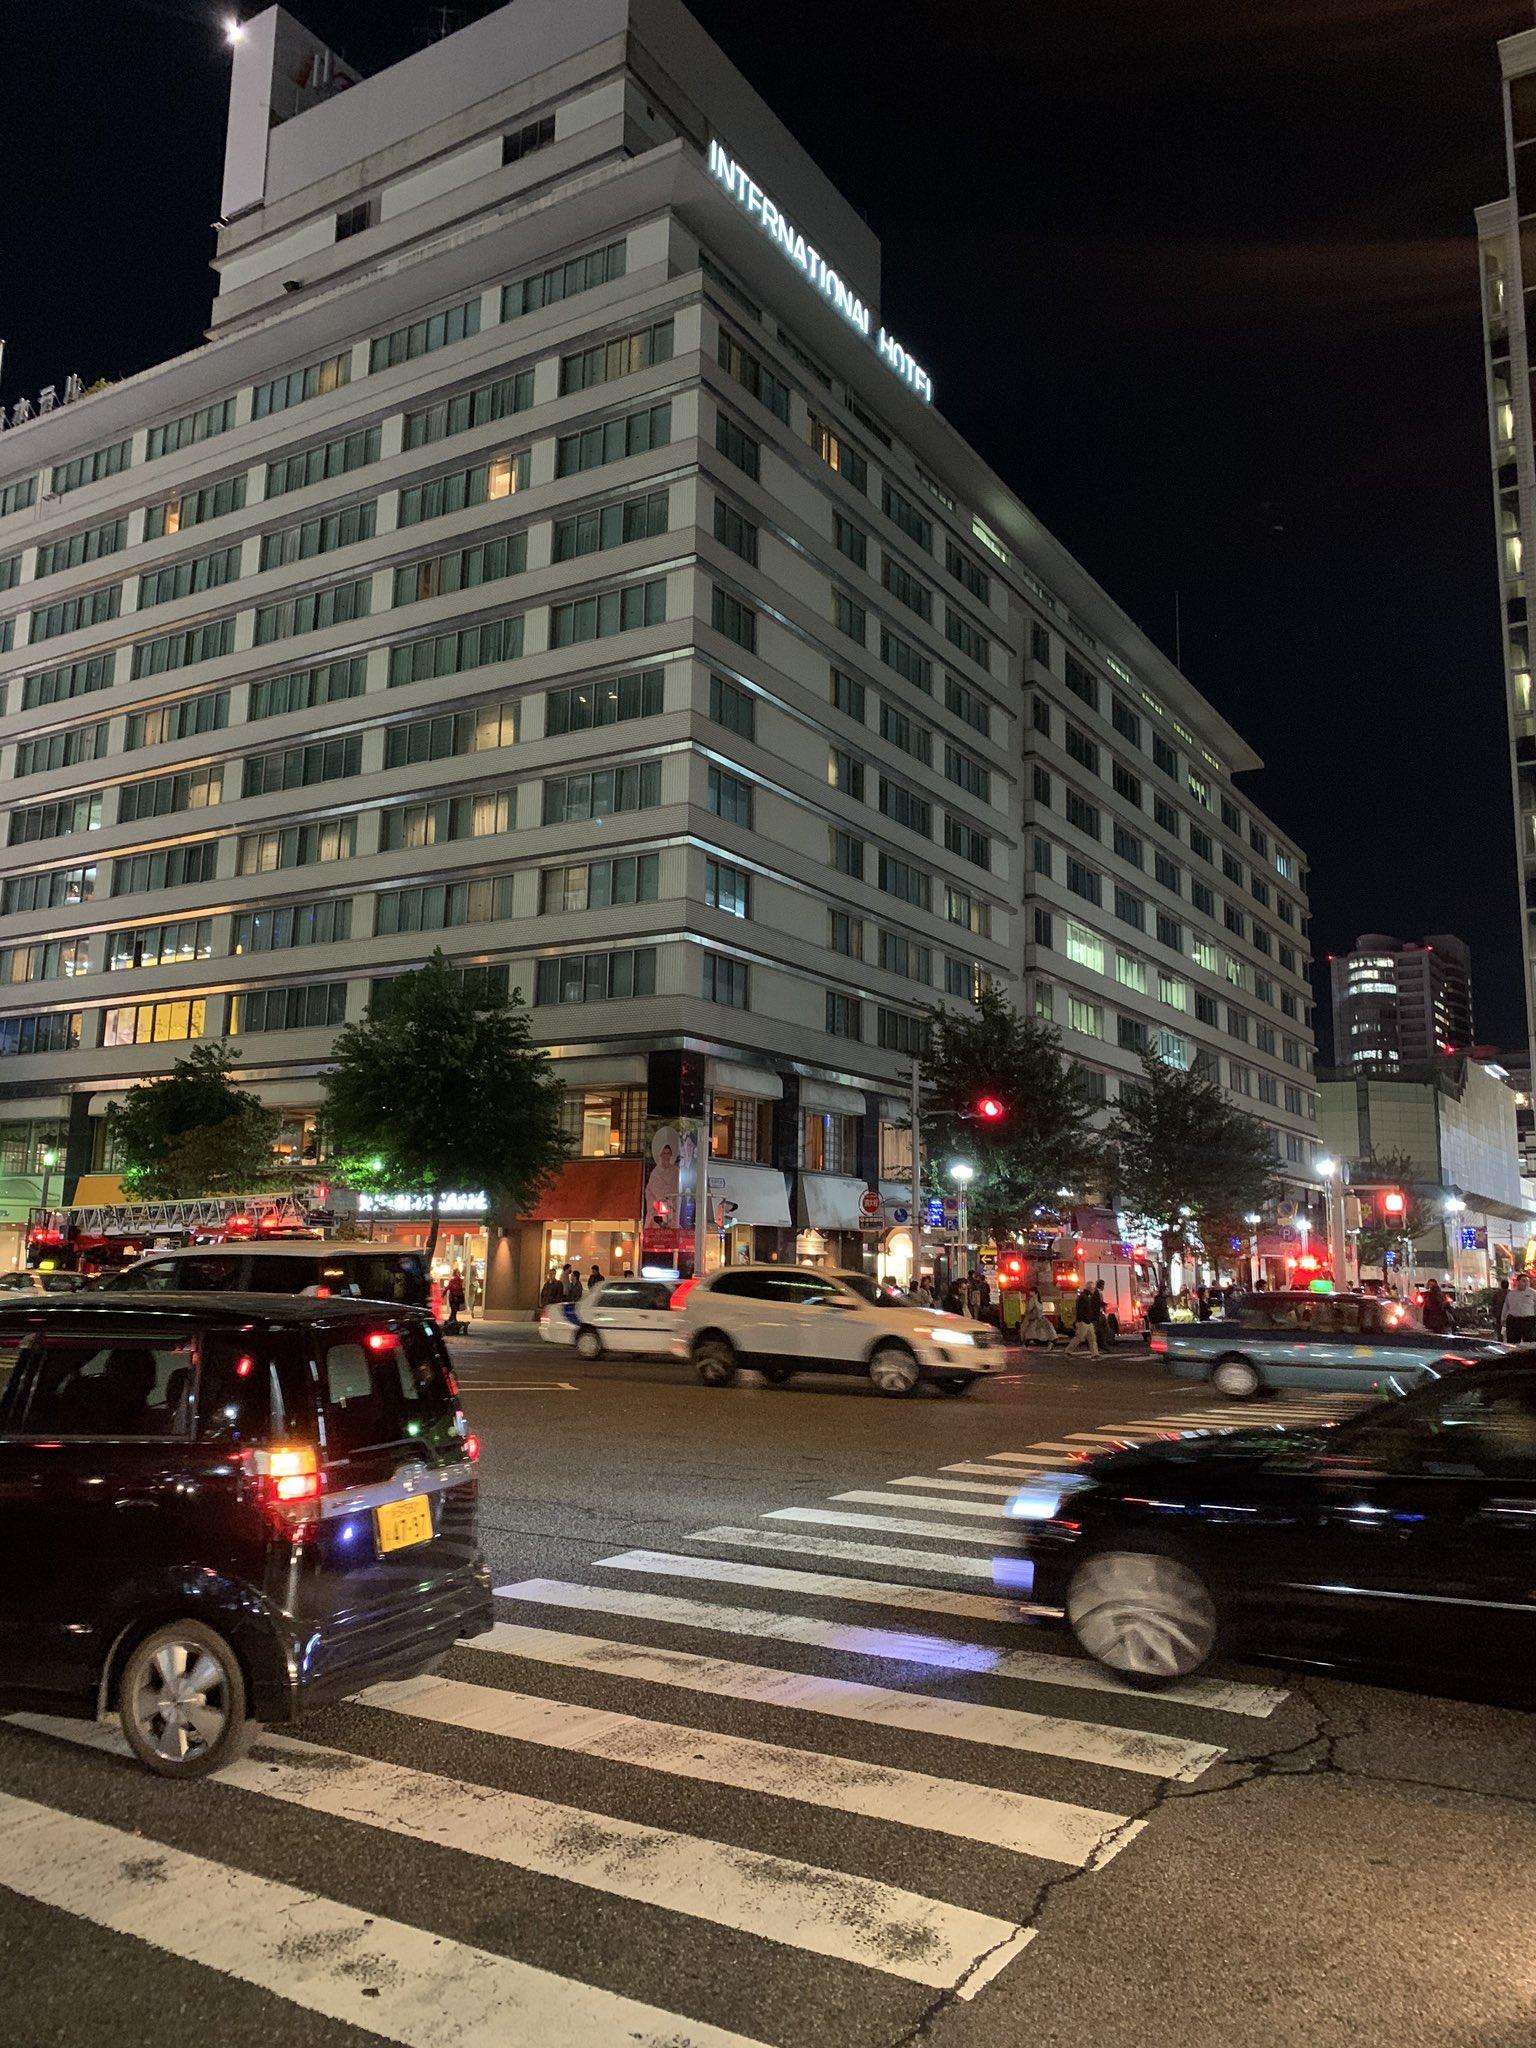 画像,栄の国際ホテルで火事?消防車が集結中 https://t.co/Vh0gNDmeMd。